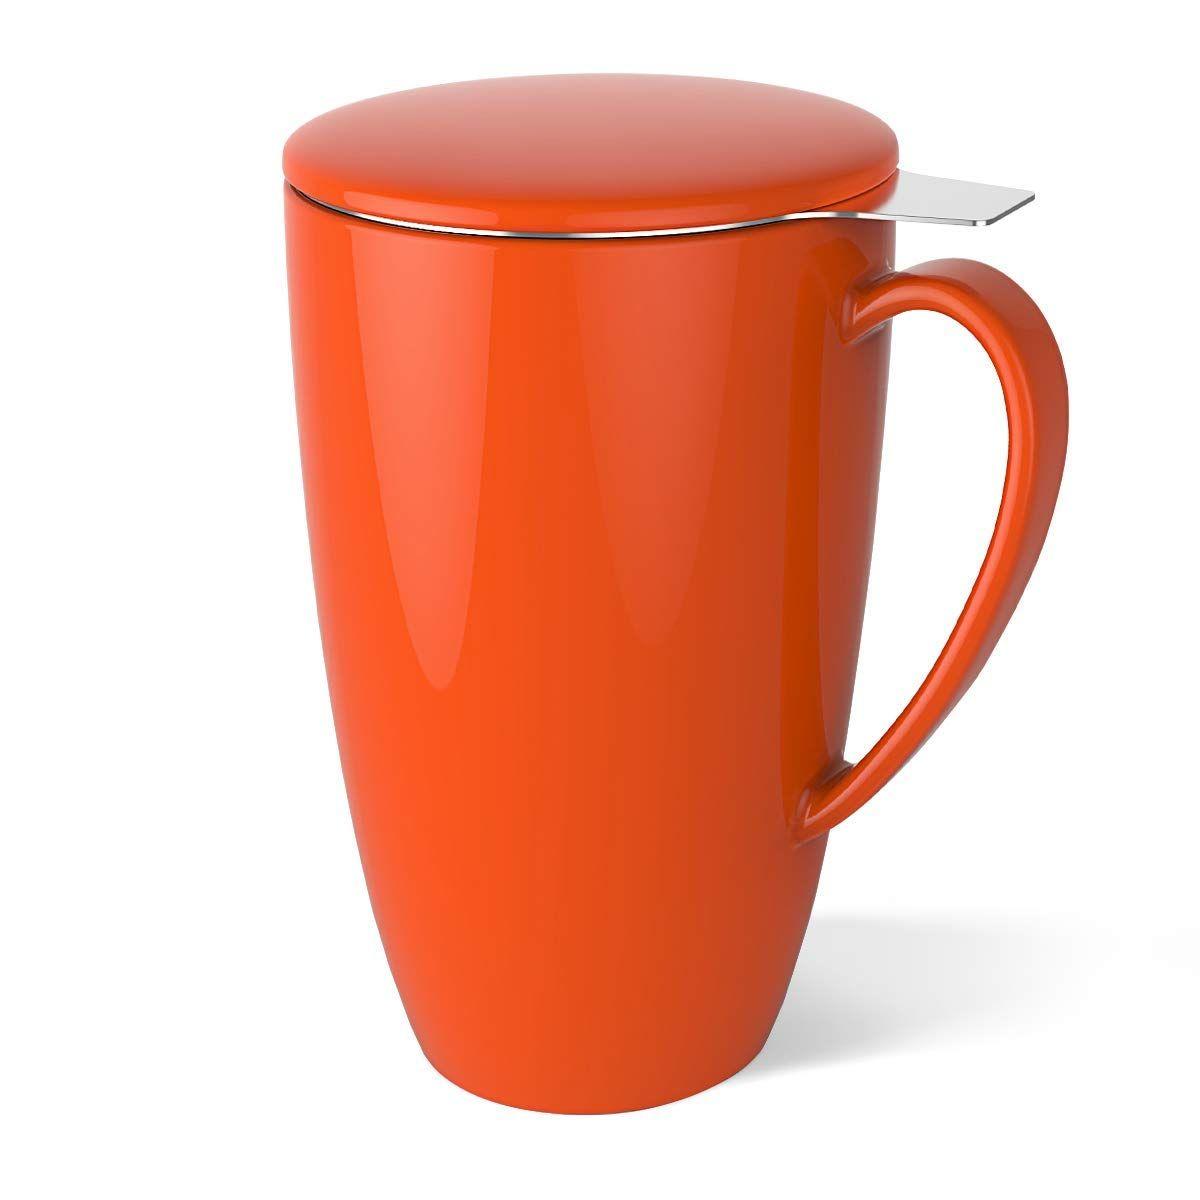 Taza Sweese de cerámica/porcelana con tapa y filtro para té, de acero inoxidable